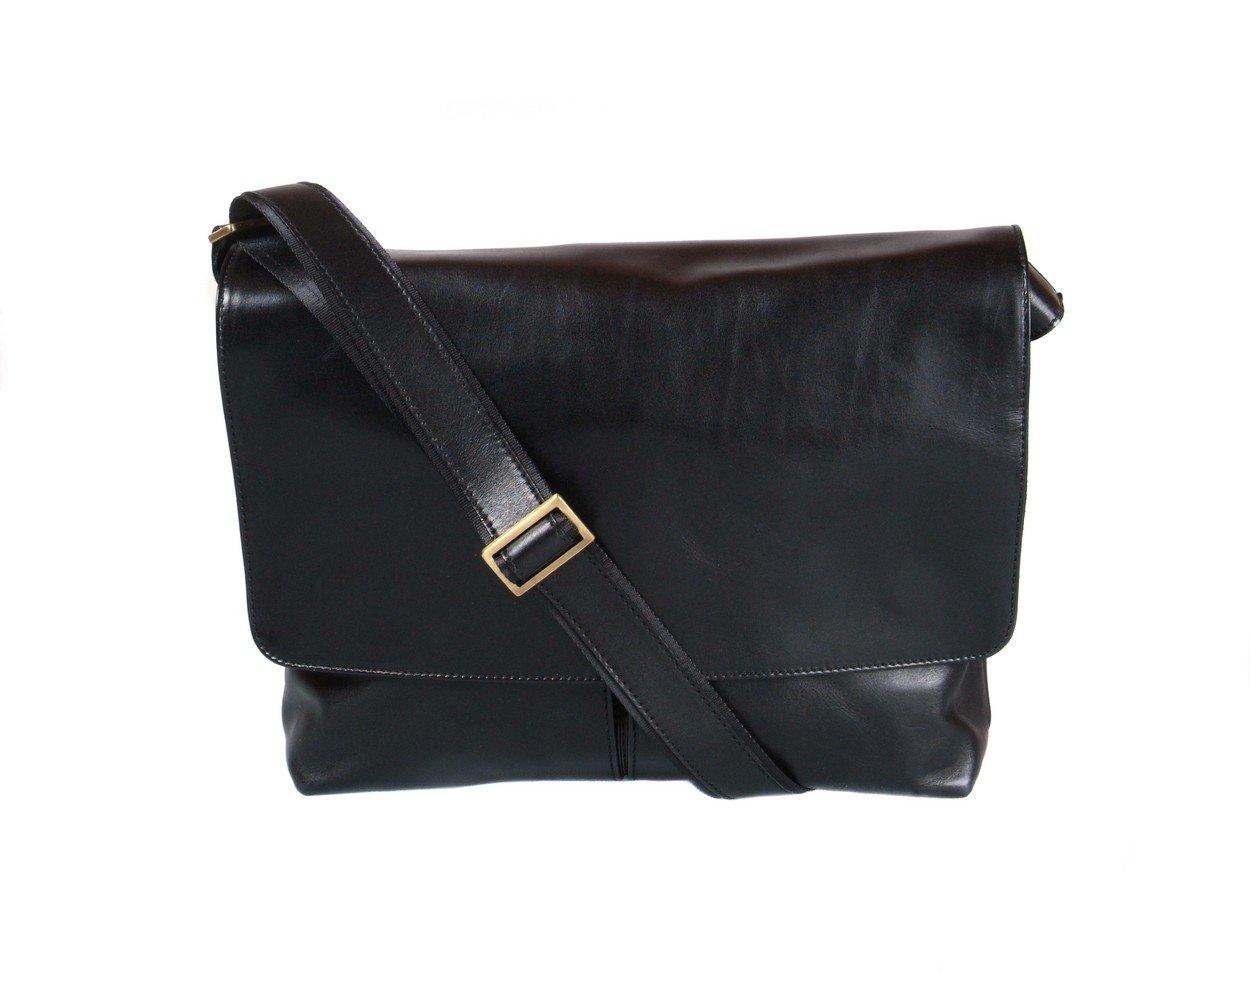 SAGEBROWN Black Courier's Bag